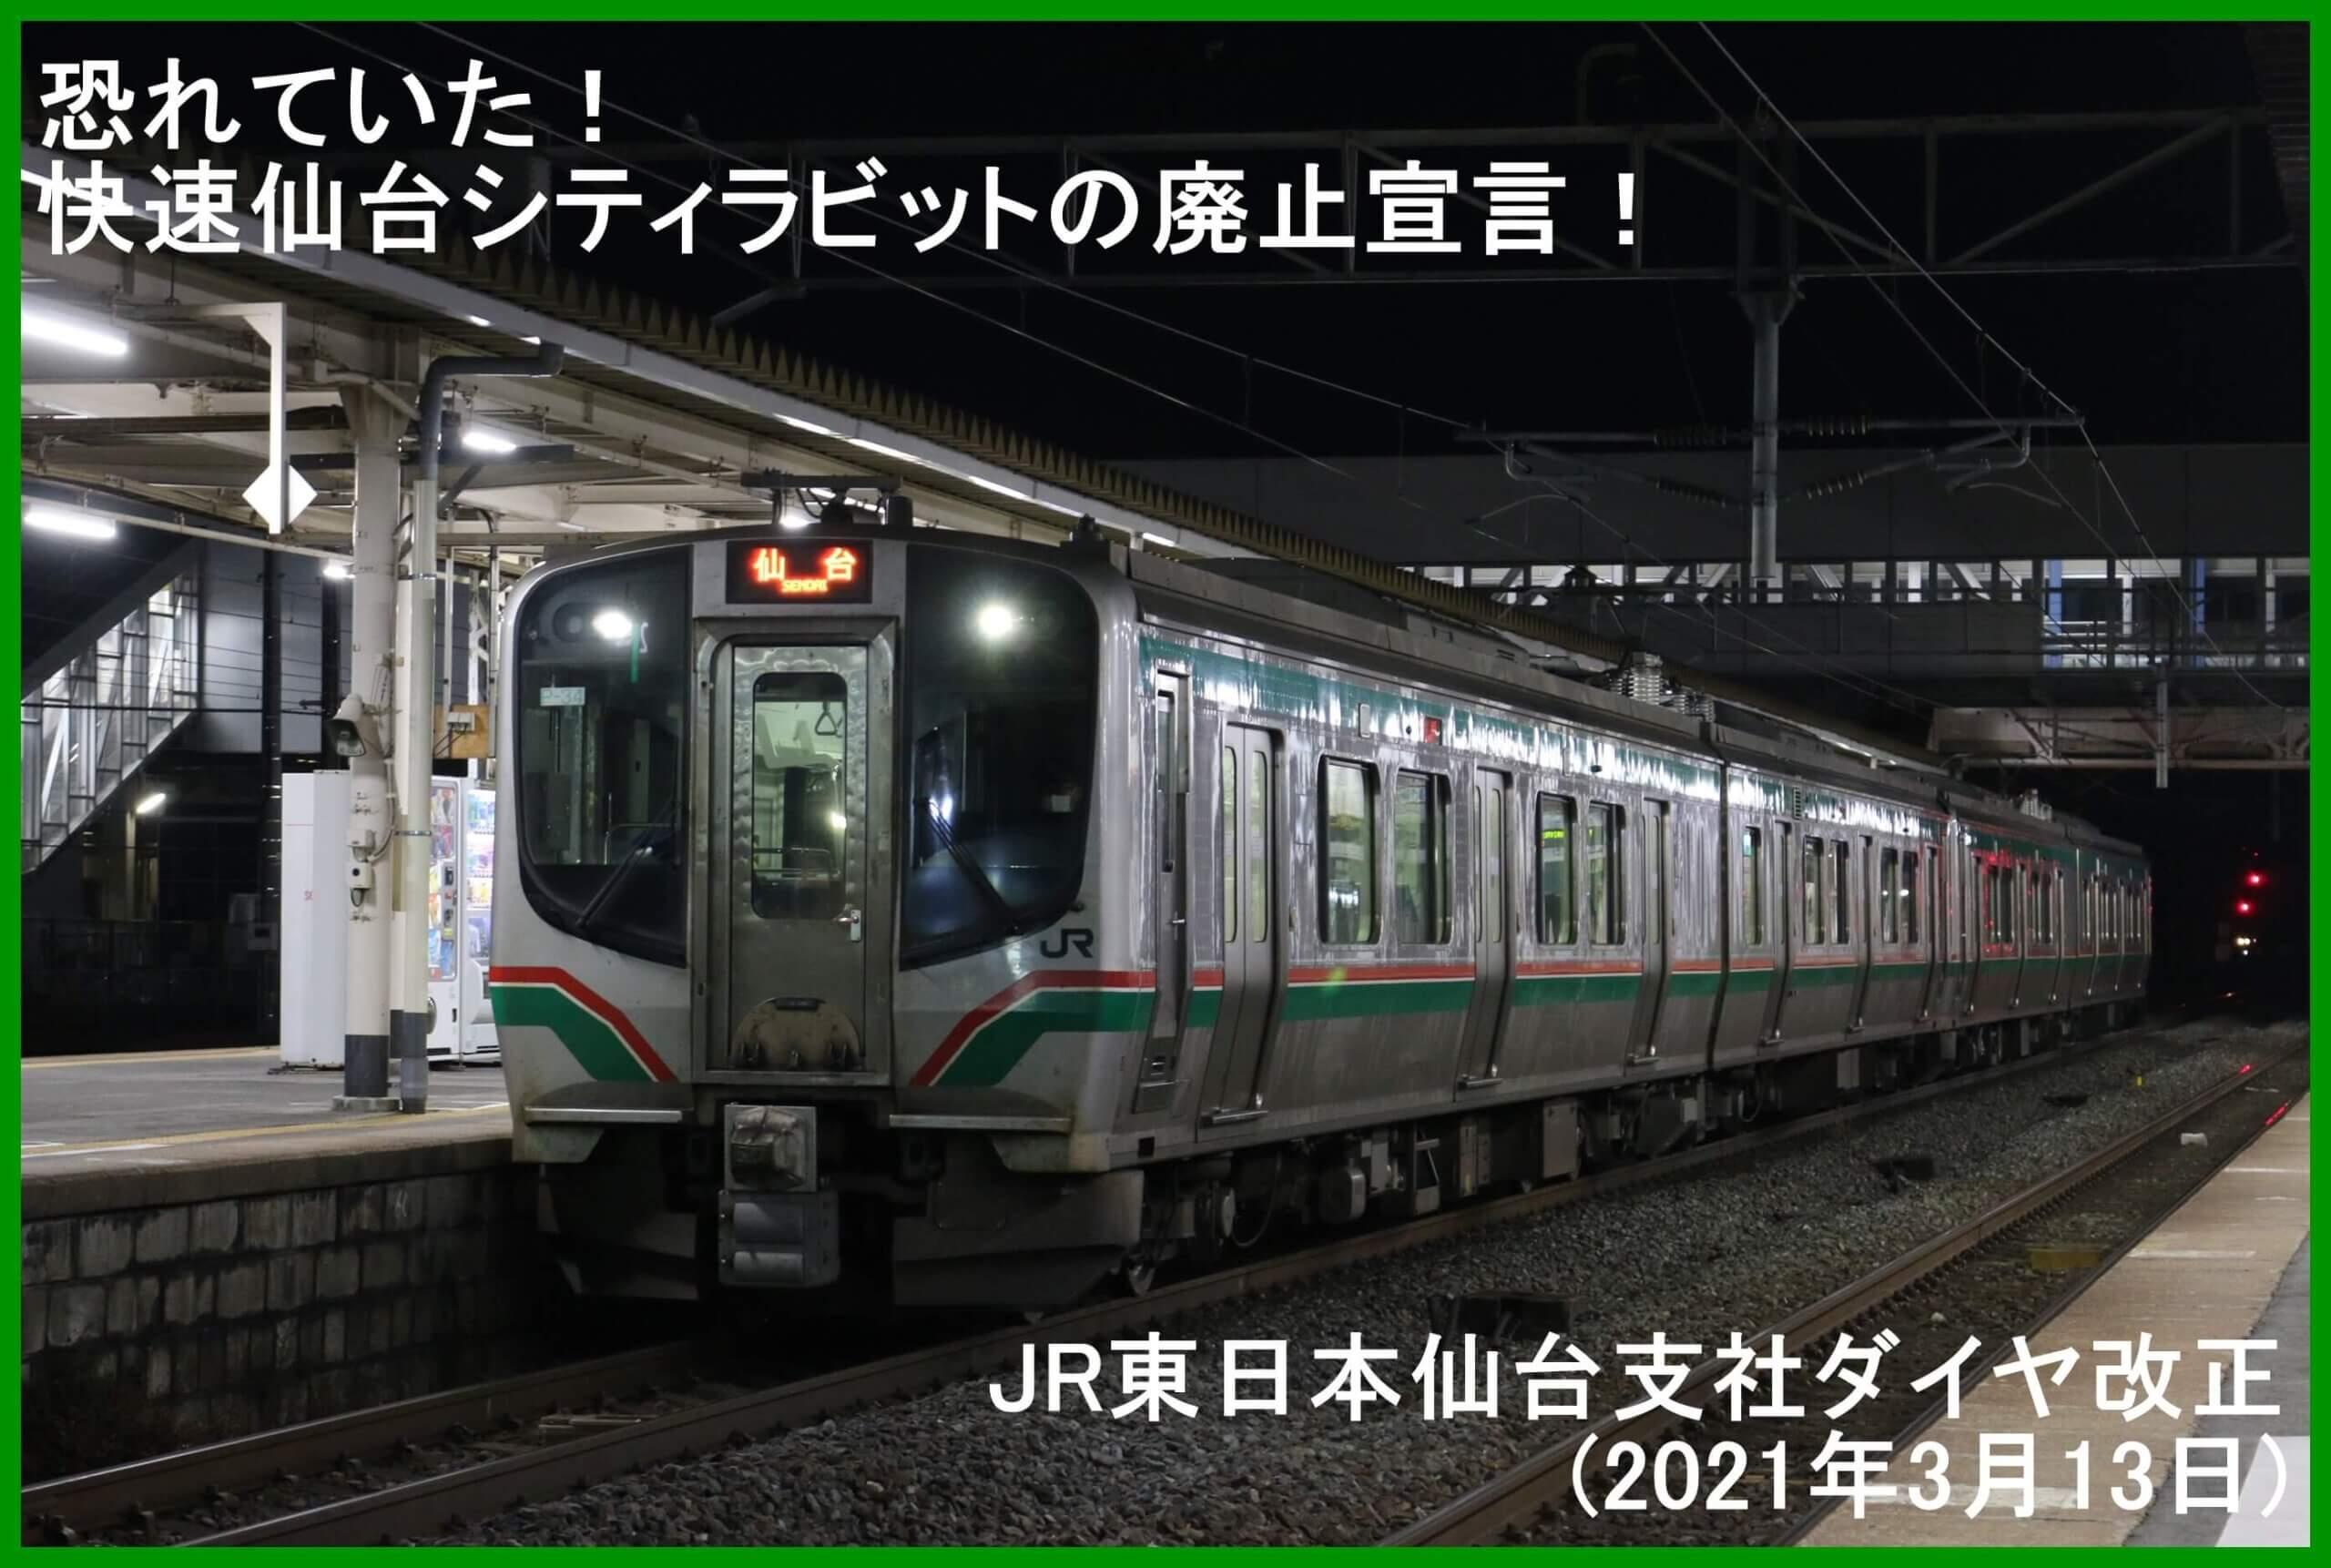 恐れていた!快速仙台シティラビットの廃止宣言! JR東日本仙台支社ダイヤ改正(2021年3月13日)